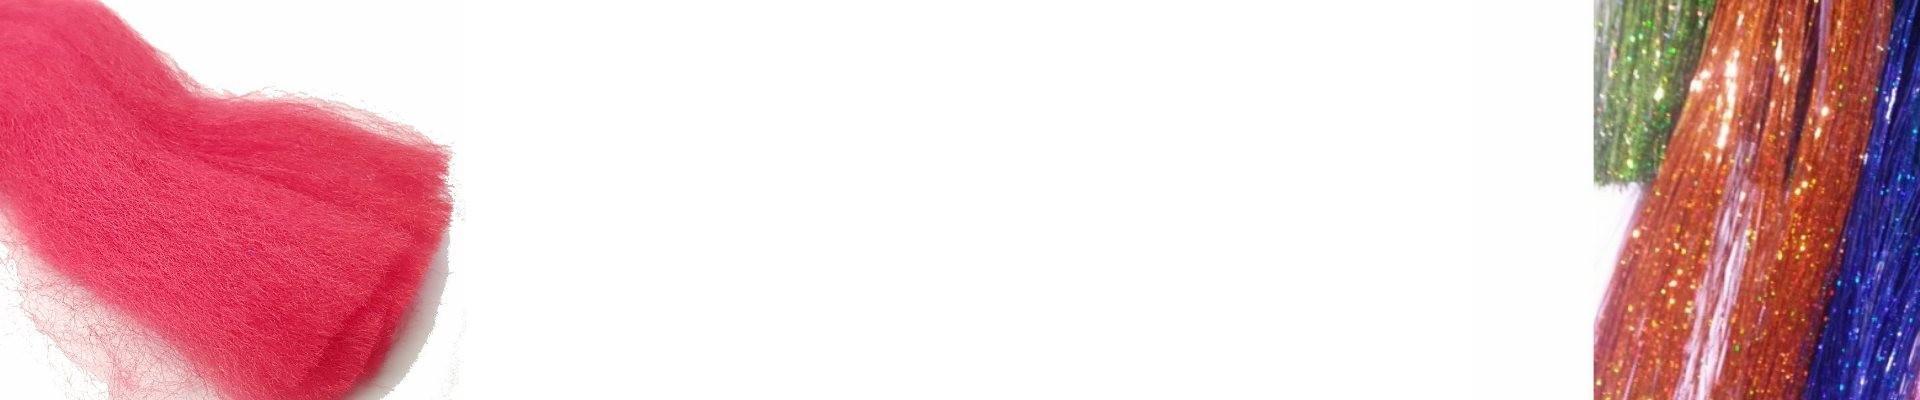 Fibre sintetiche